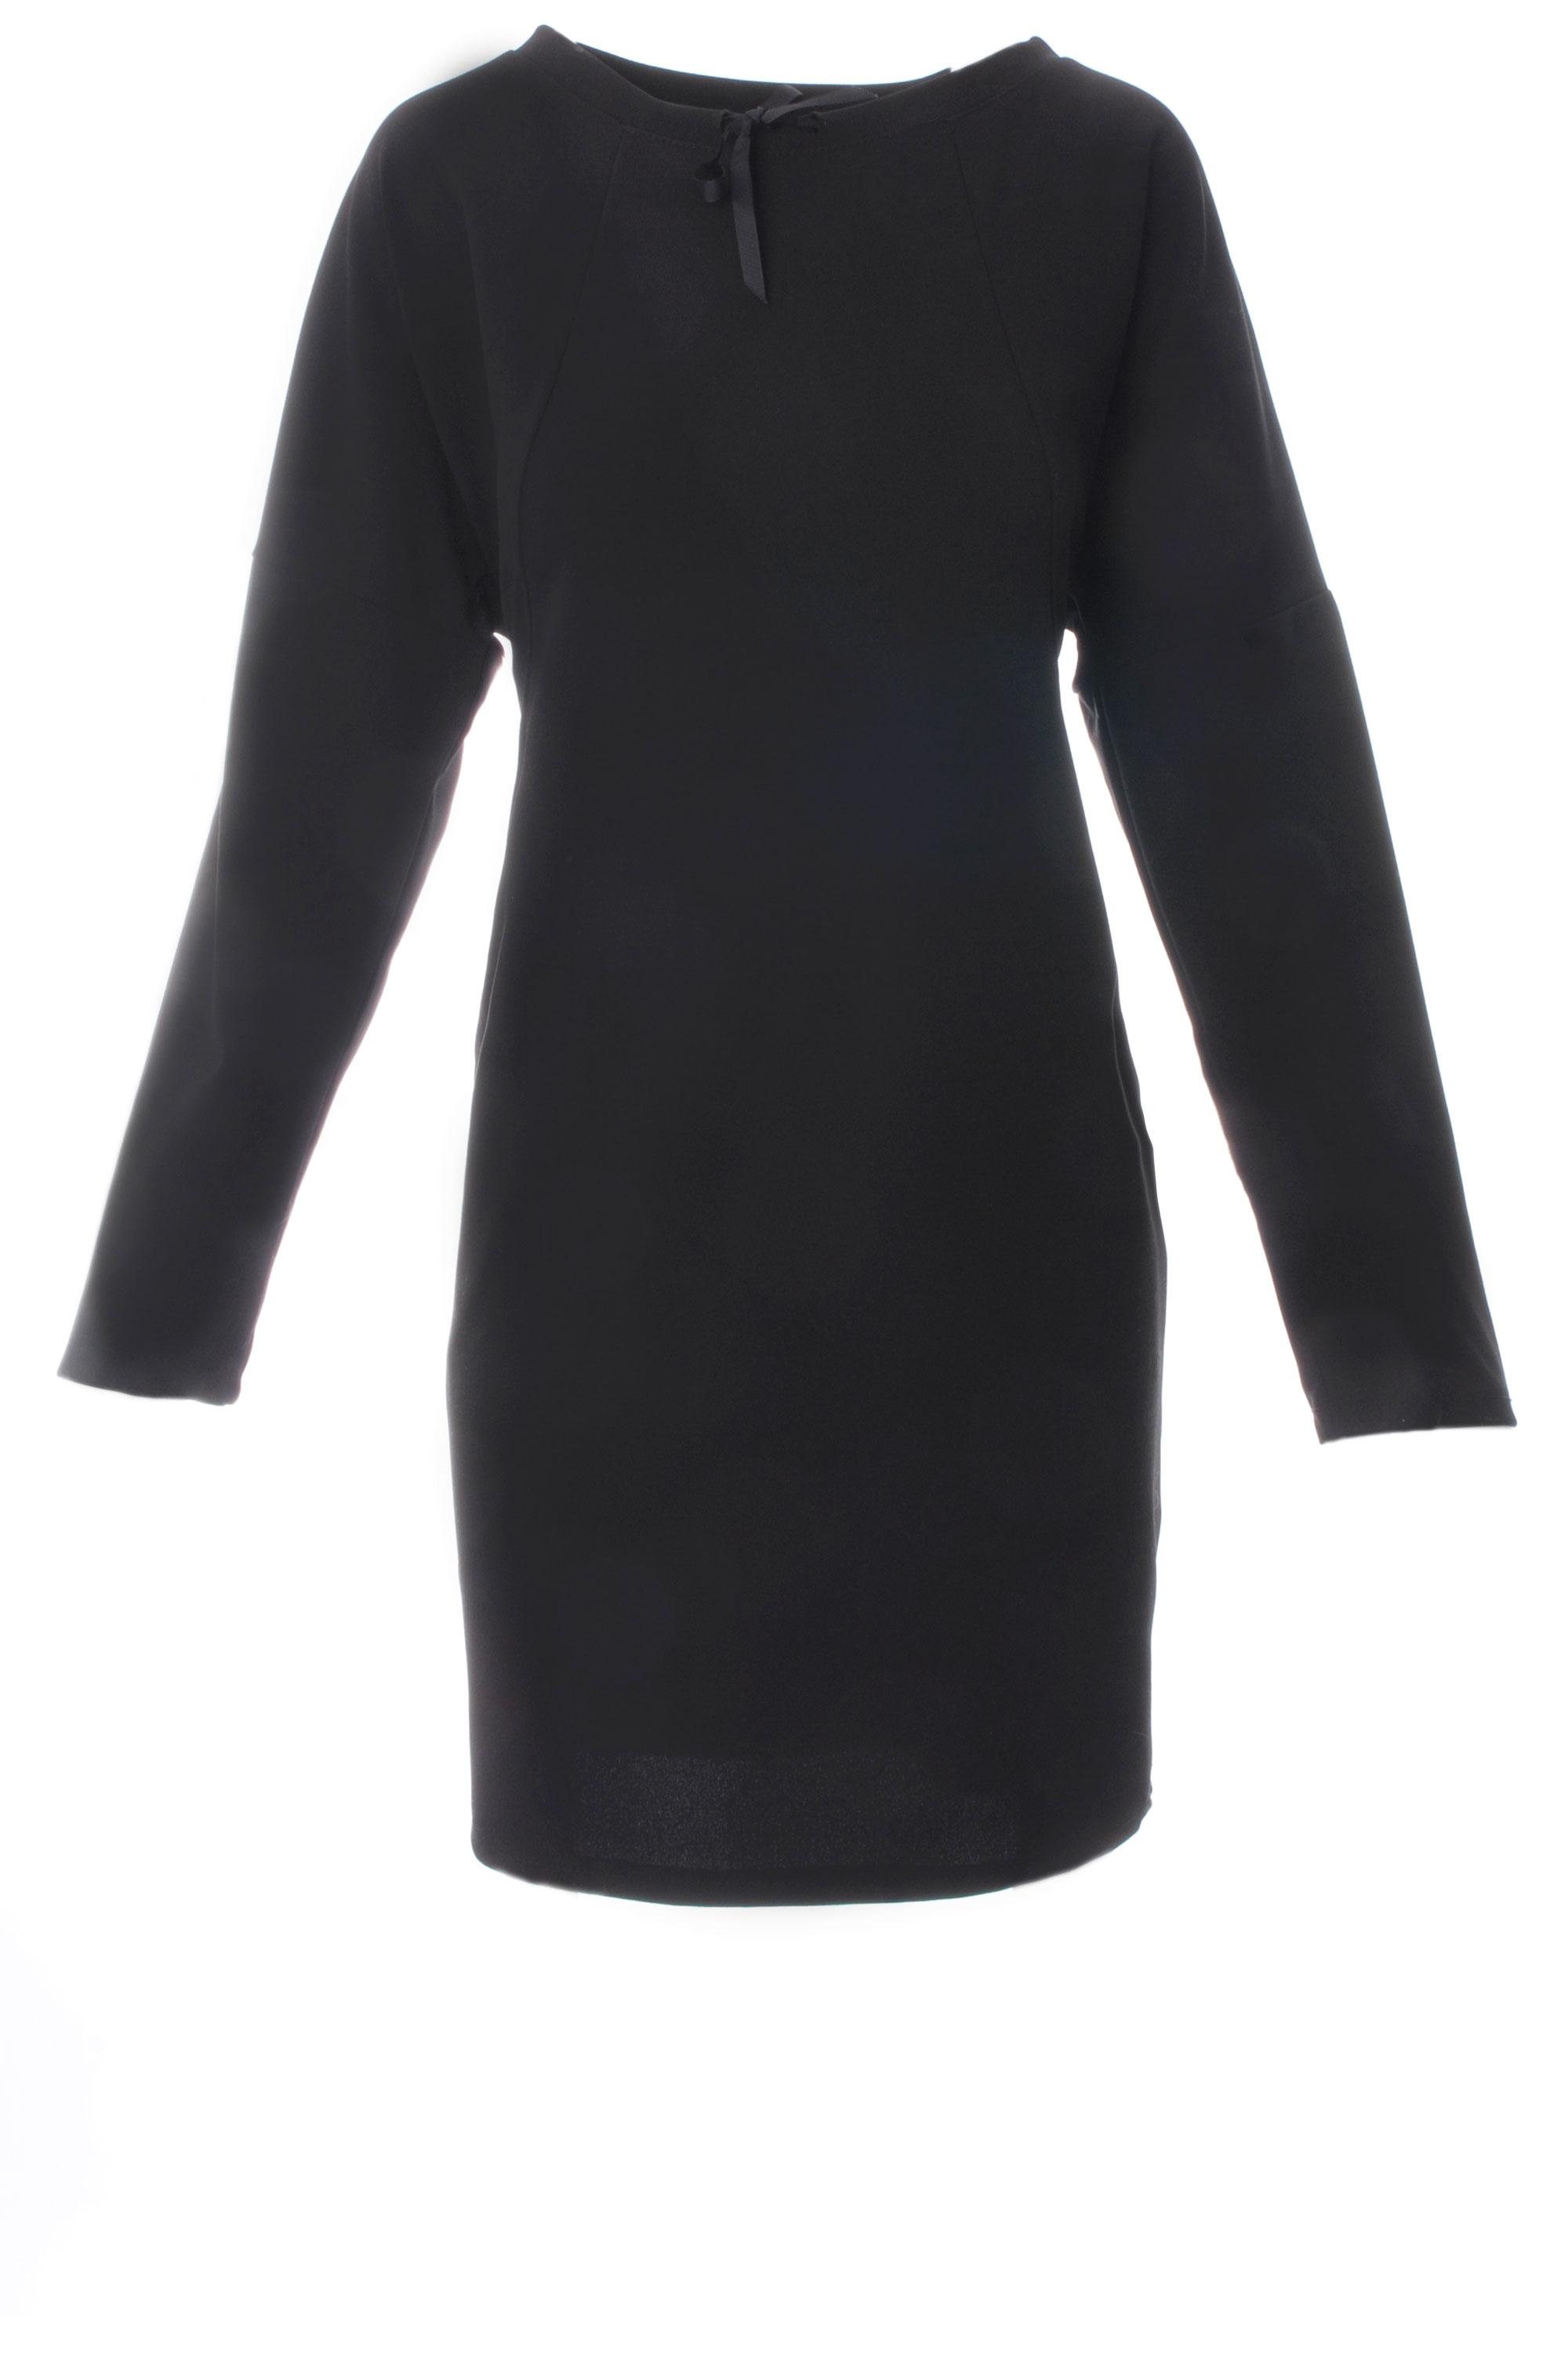 Sukienka - 90-5111 NERO - Unisono